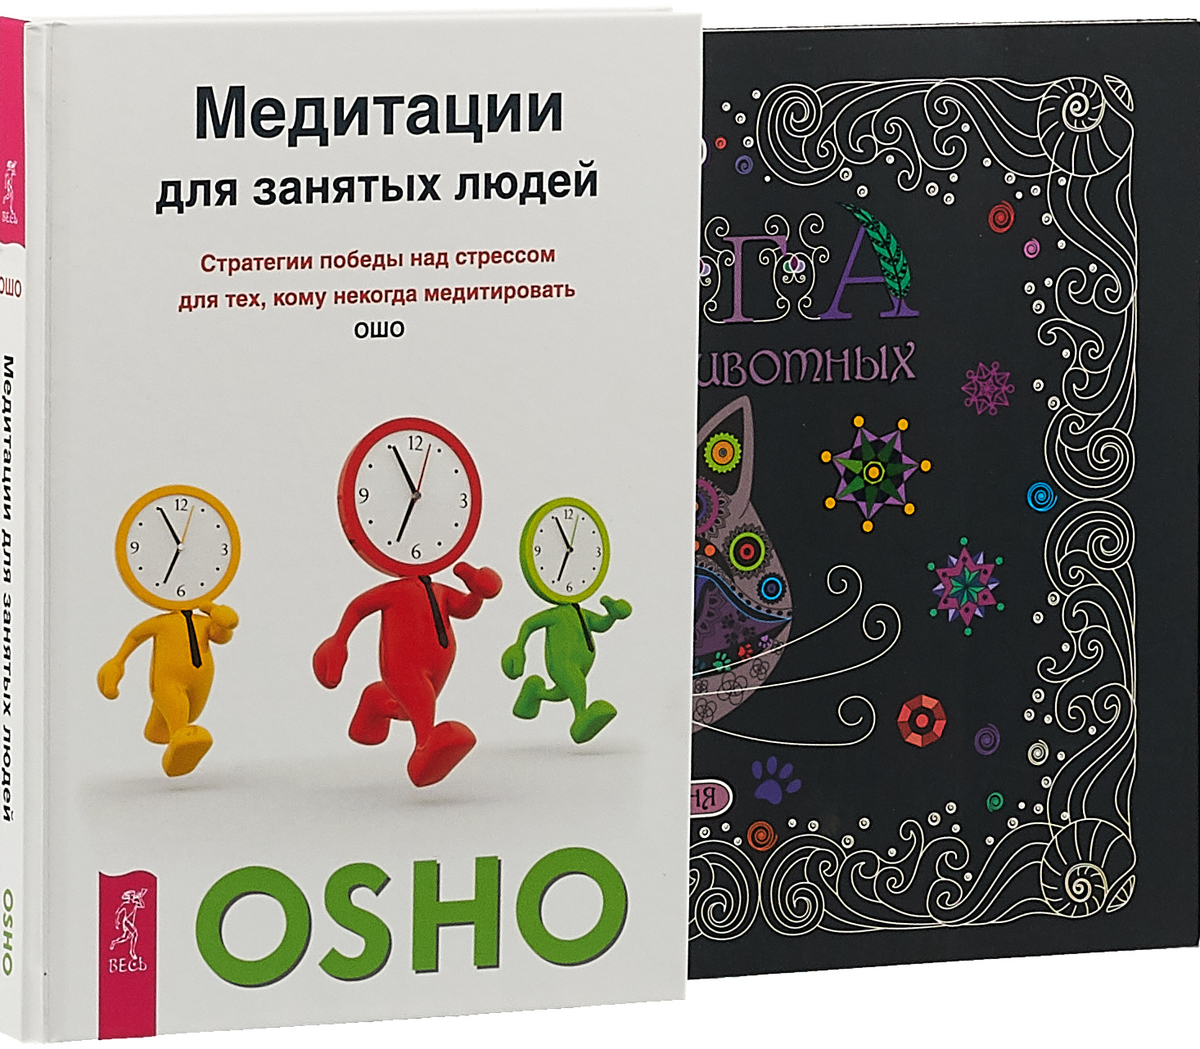 Книга волшебных животных. Книга волшебных растений. Медитации для занятых (комплект из 3 книг)